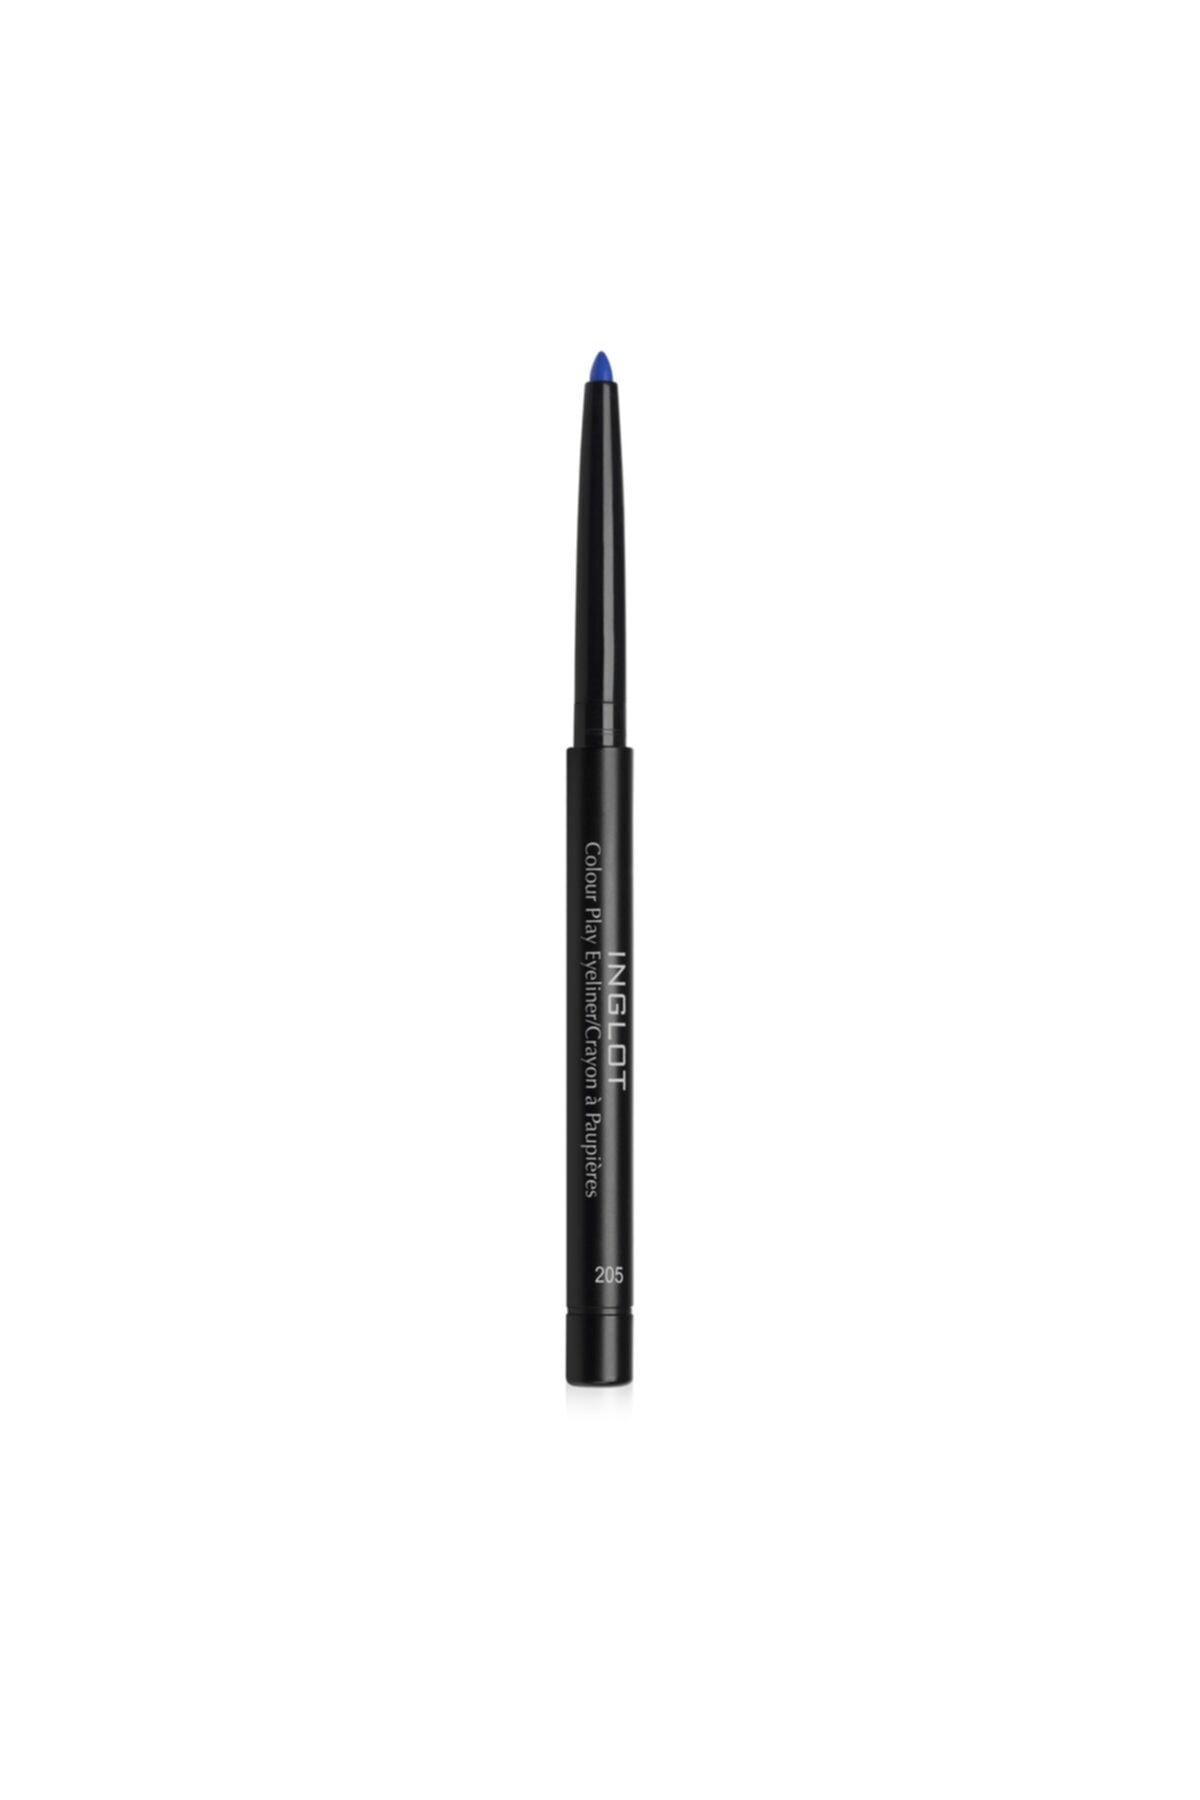 INGLOT Göz Kalemi-colour Play Eyeliner 205 1